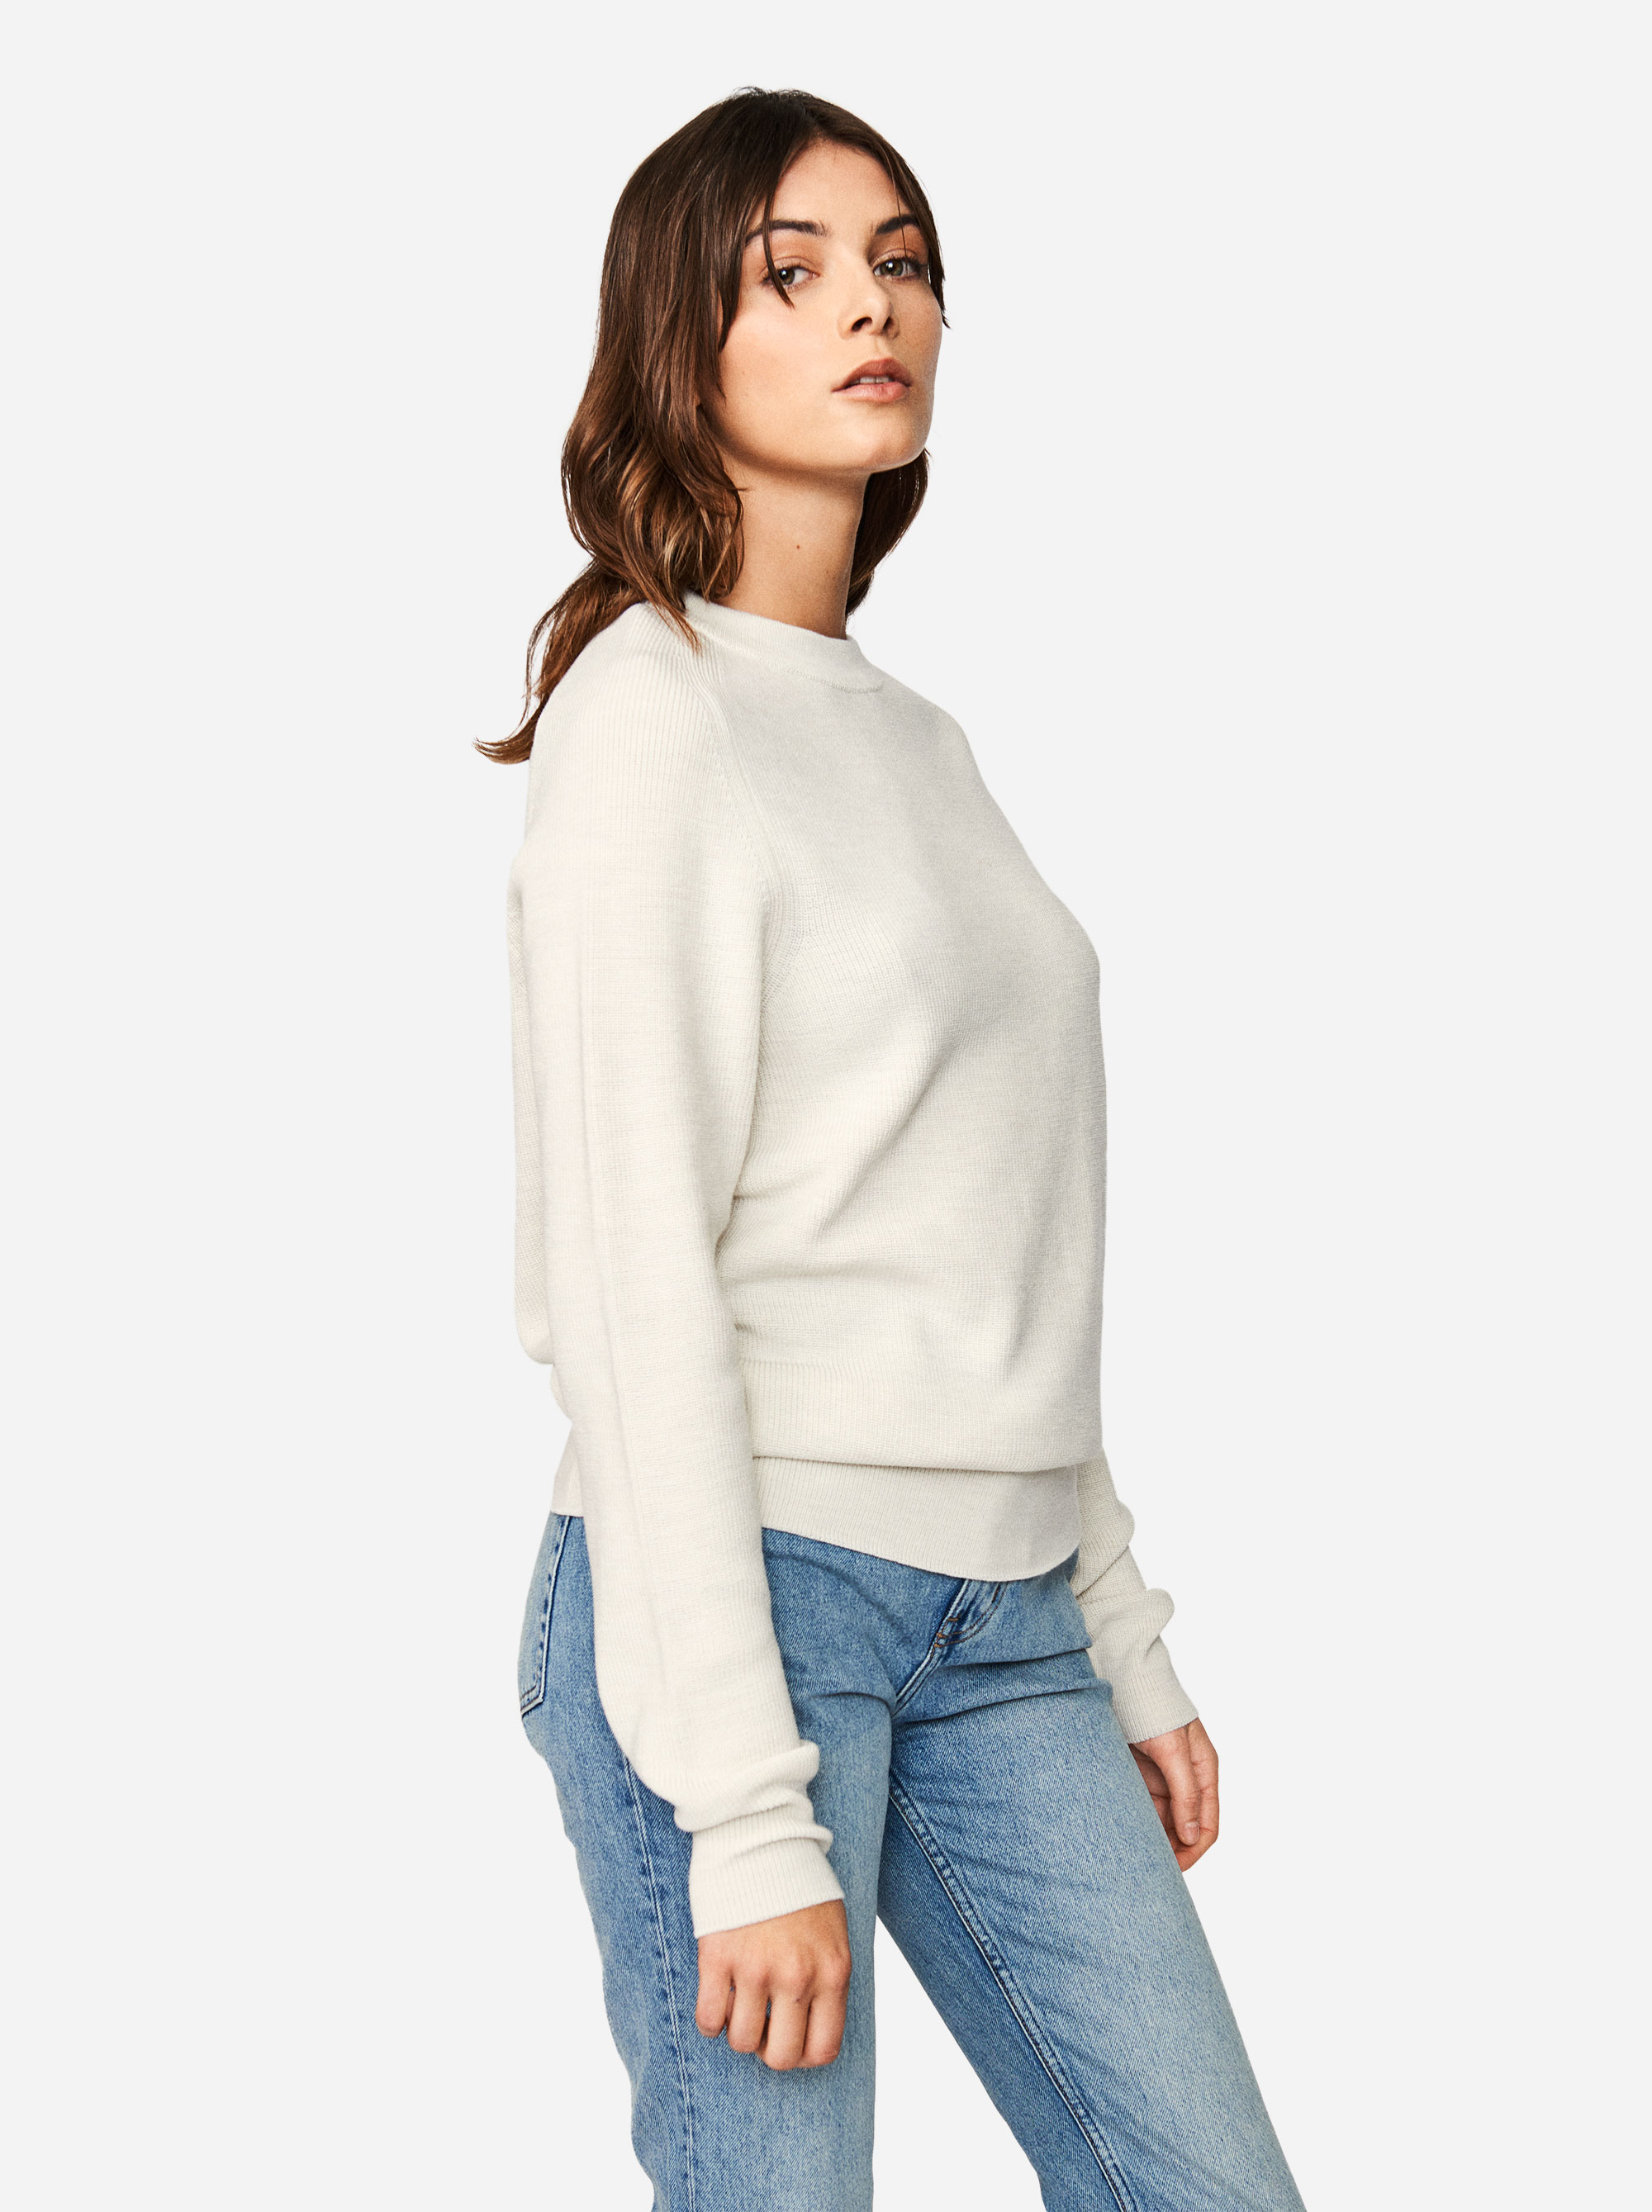 Teym - Crewneck - The Merino Sweater - Women - White - 1